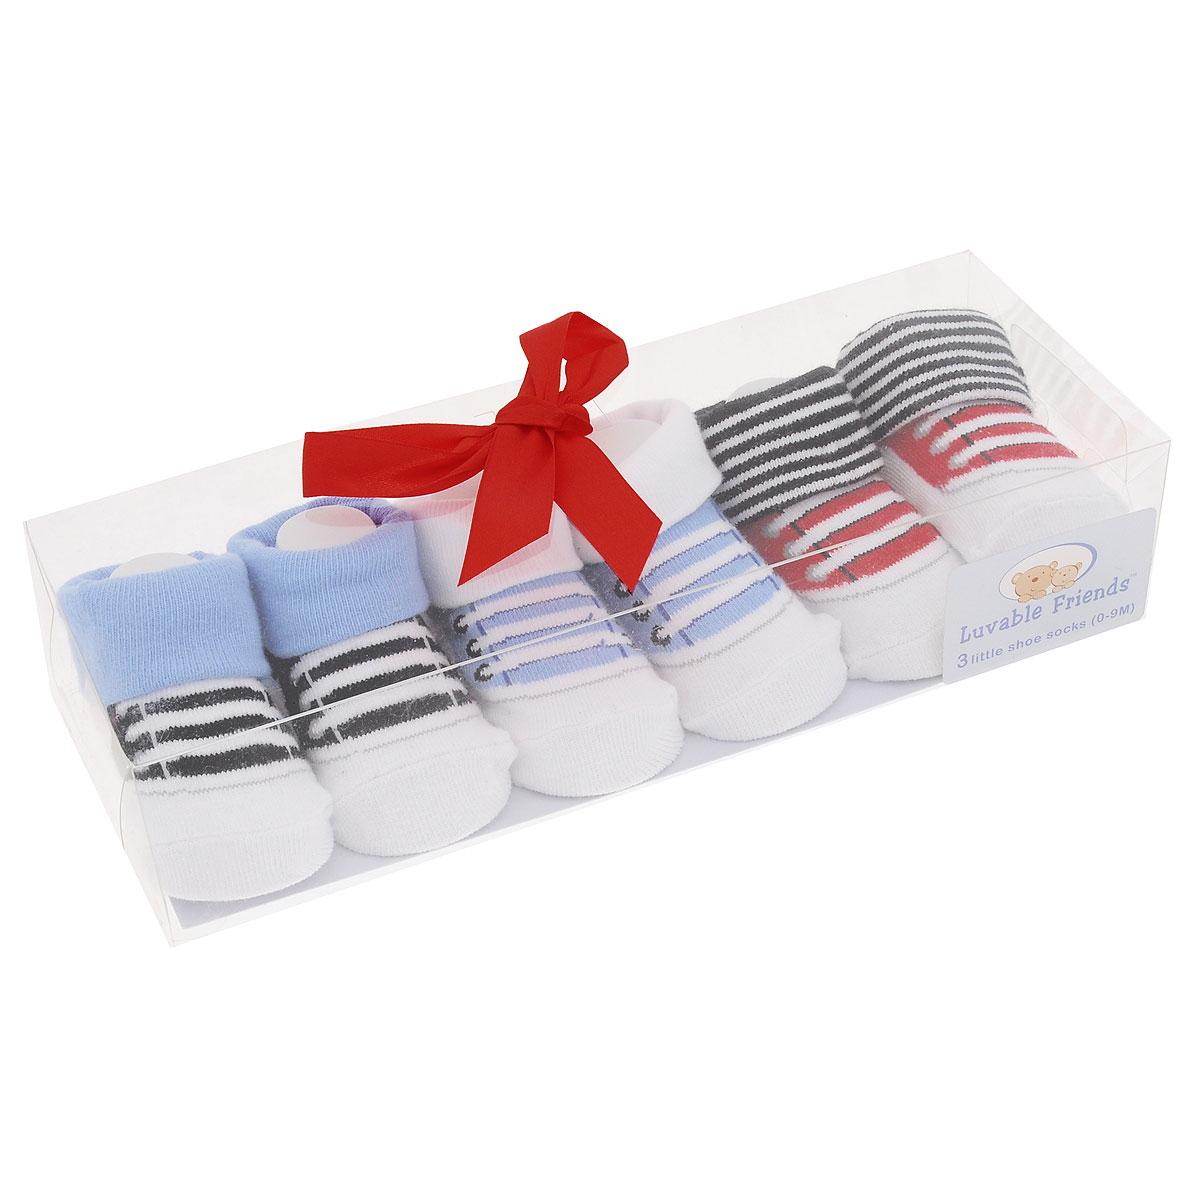 Носки детские Luvable Friends, цвет: голубой, белый, 3 пары. 07112. Размер 0/9мес07112Комфортные, прочные и красивые детские носки Luvable Friends с отворотами очень мягкие на ощупь, а широкая резинка плотно облегает ножку ребенка, не сдавливая ее, благодаря чему малышу будет комфортно и удобно. Подарочный комплект состоит из трех пар разноцветных носочков с оригинальным принтом. Носочки упакованы в красивую подарочную прозрачную коробку с яркой лентой.